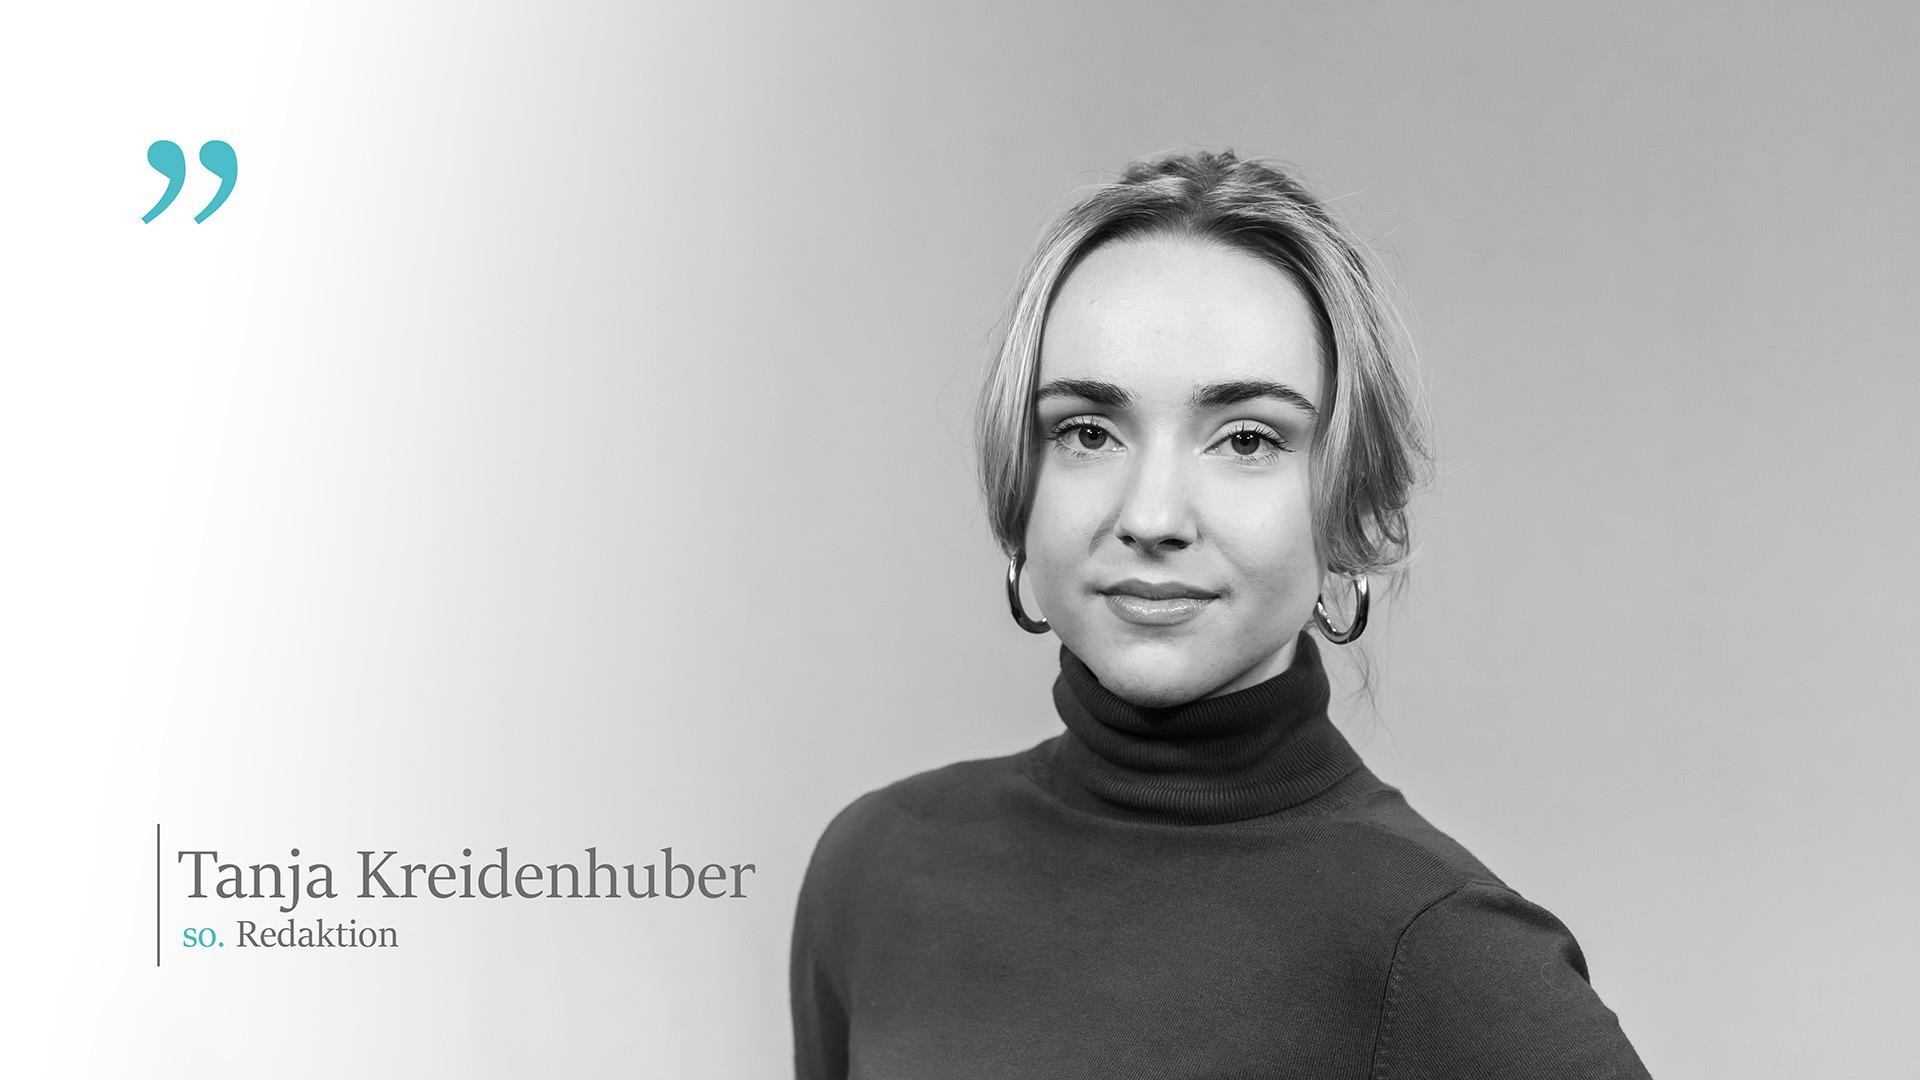 so. Der Wochenkommentar mit Tanja Kreidenhuber